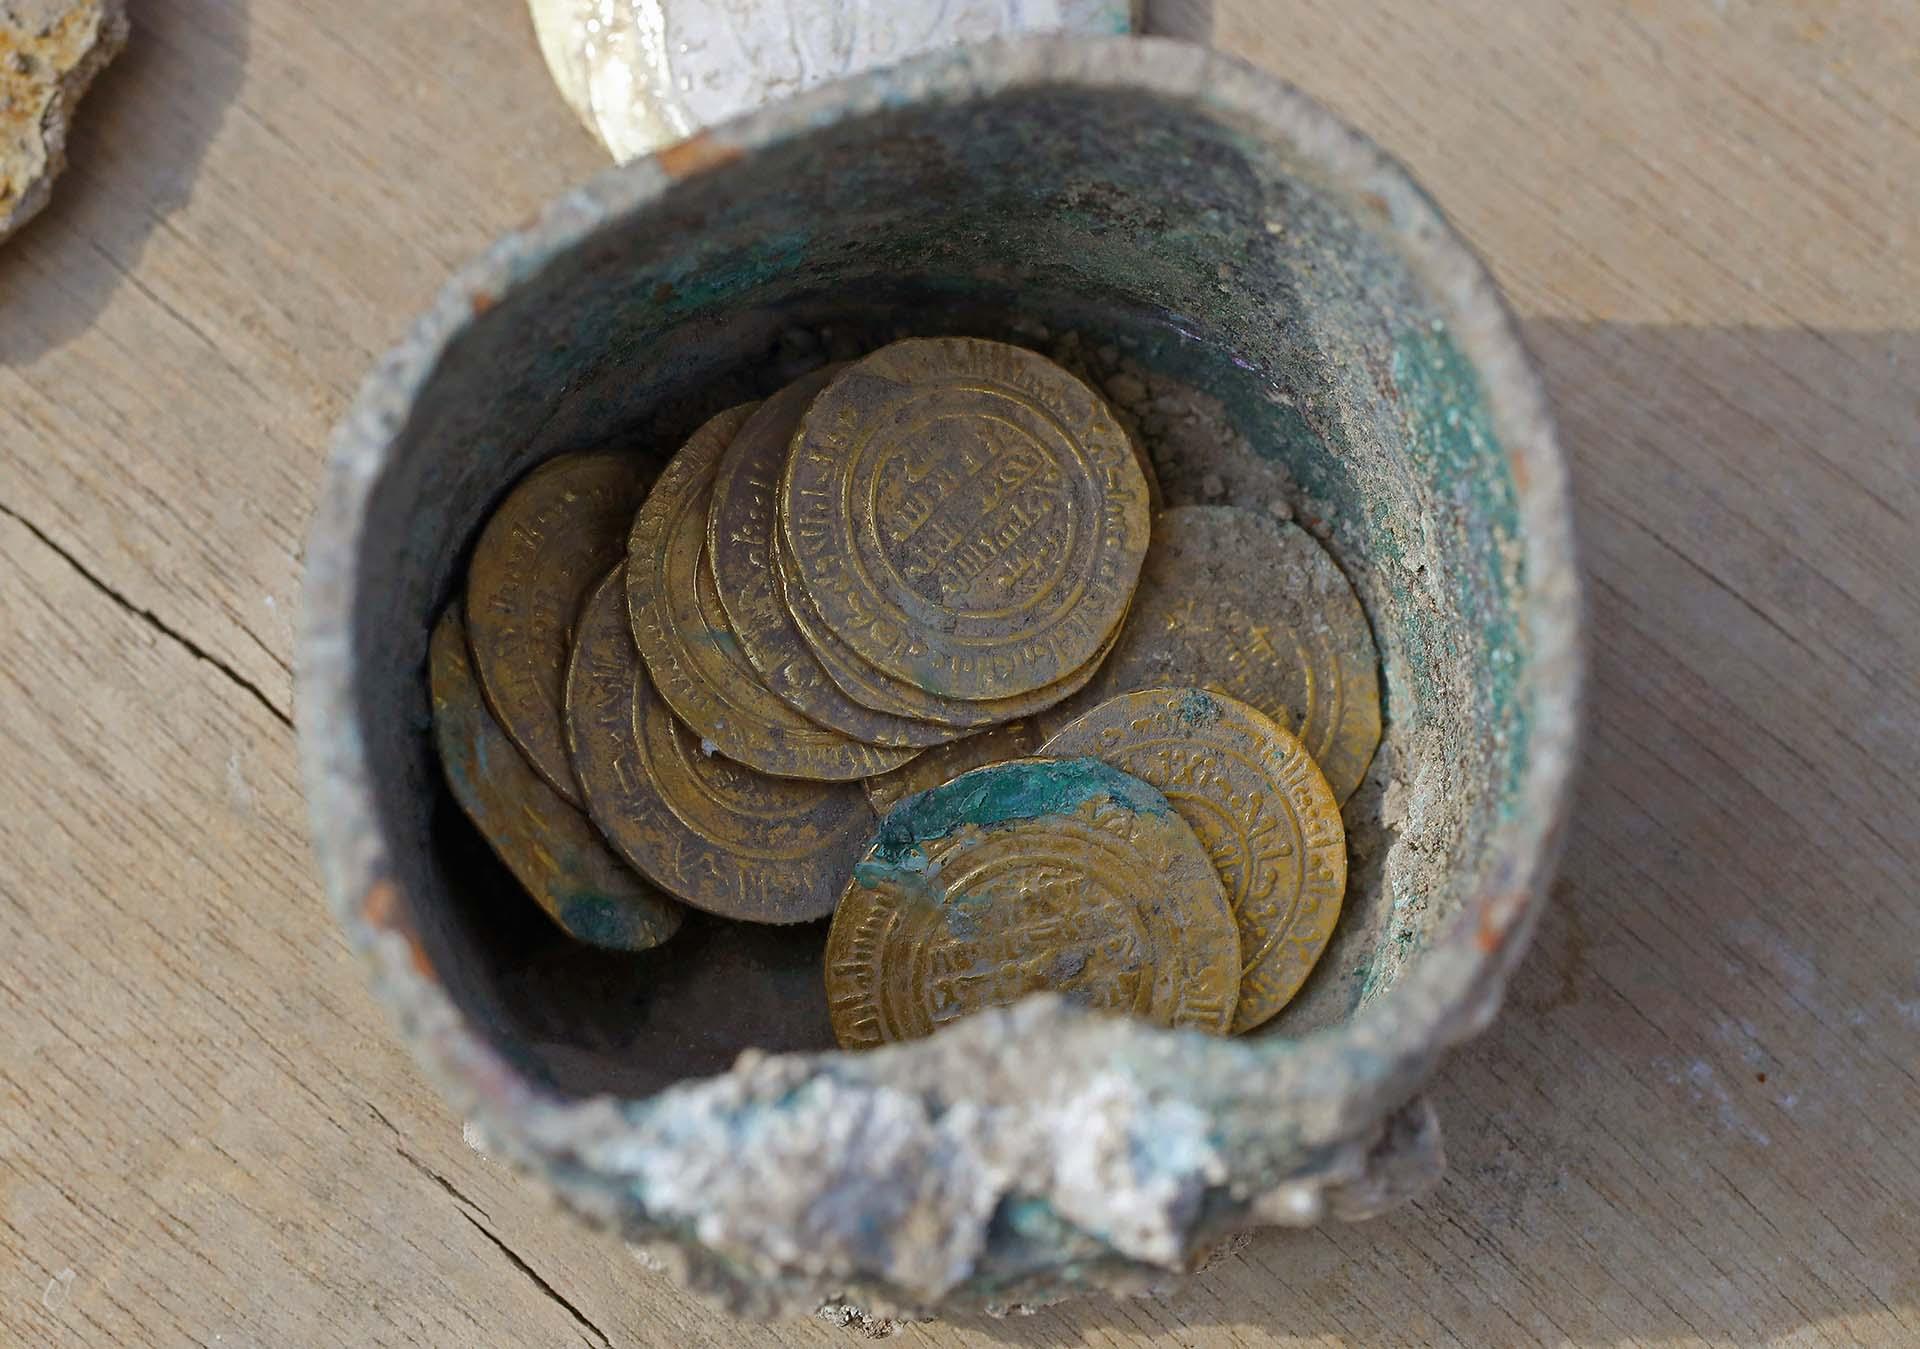 La zona de excavaciones, en la que la Fundación Rothschild ha invertido más de 150 millones de shékels (unos 35 millones de euros), es parte de un complejo construido por Herodes hace más de 2.000 años, como tributo a su mecenas romano, el emperador Augusto, y la diosa Roma